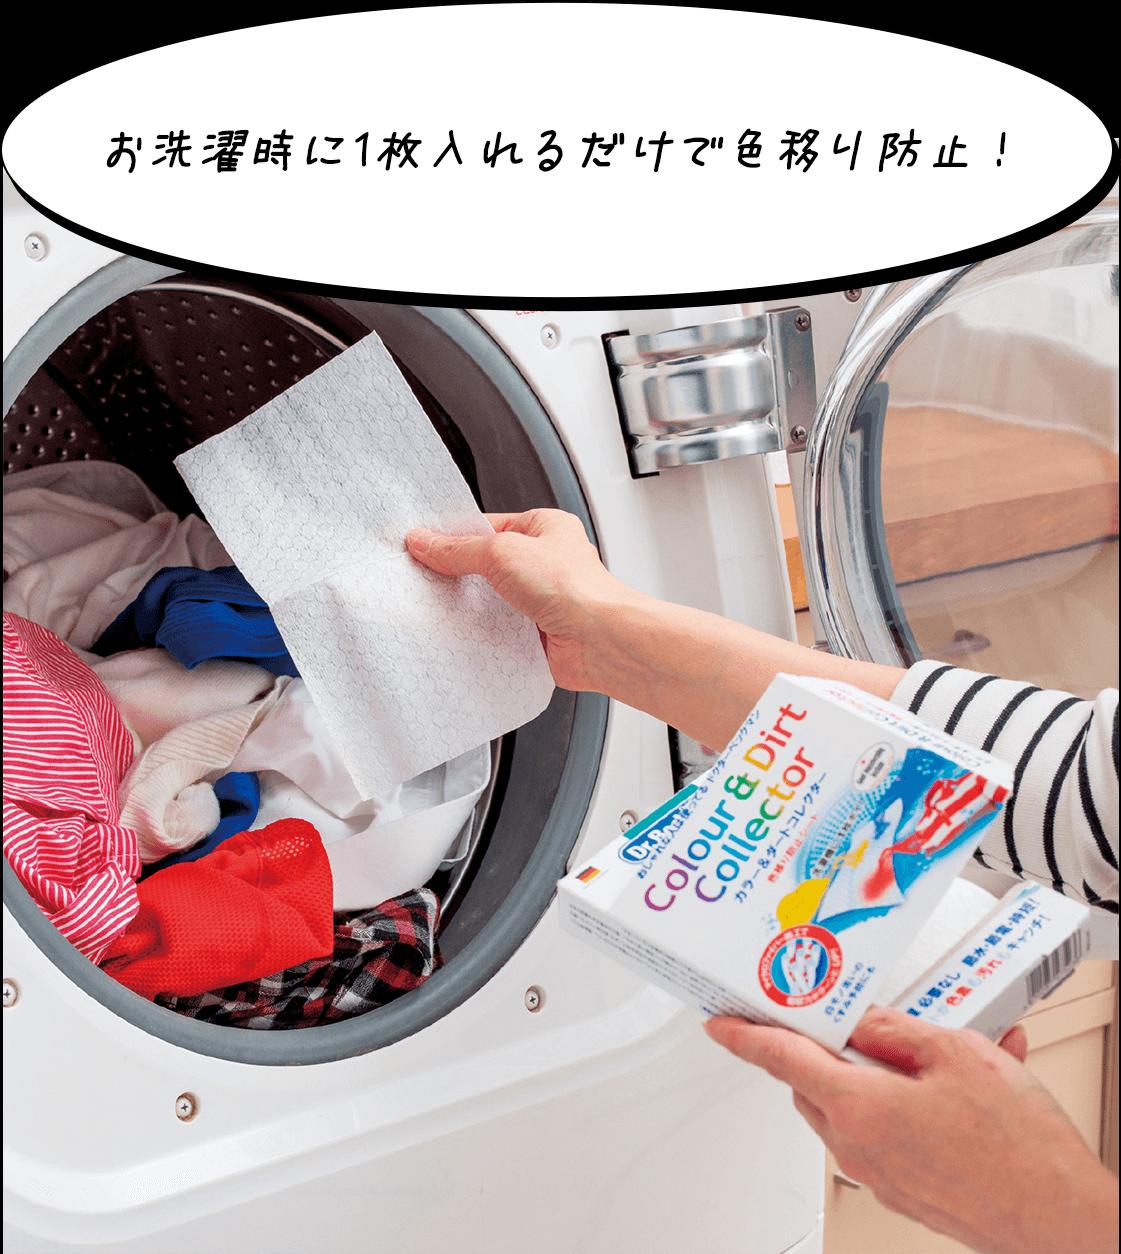 お洗濯時に1枚入れるだけで色移り防止!